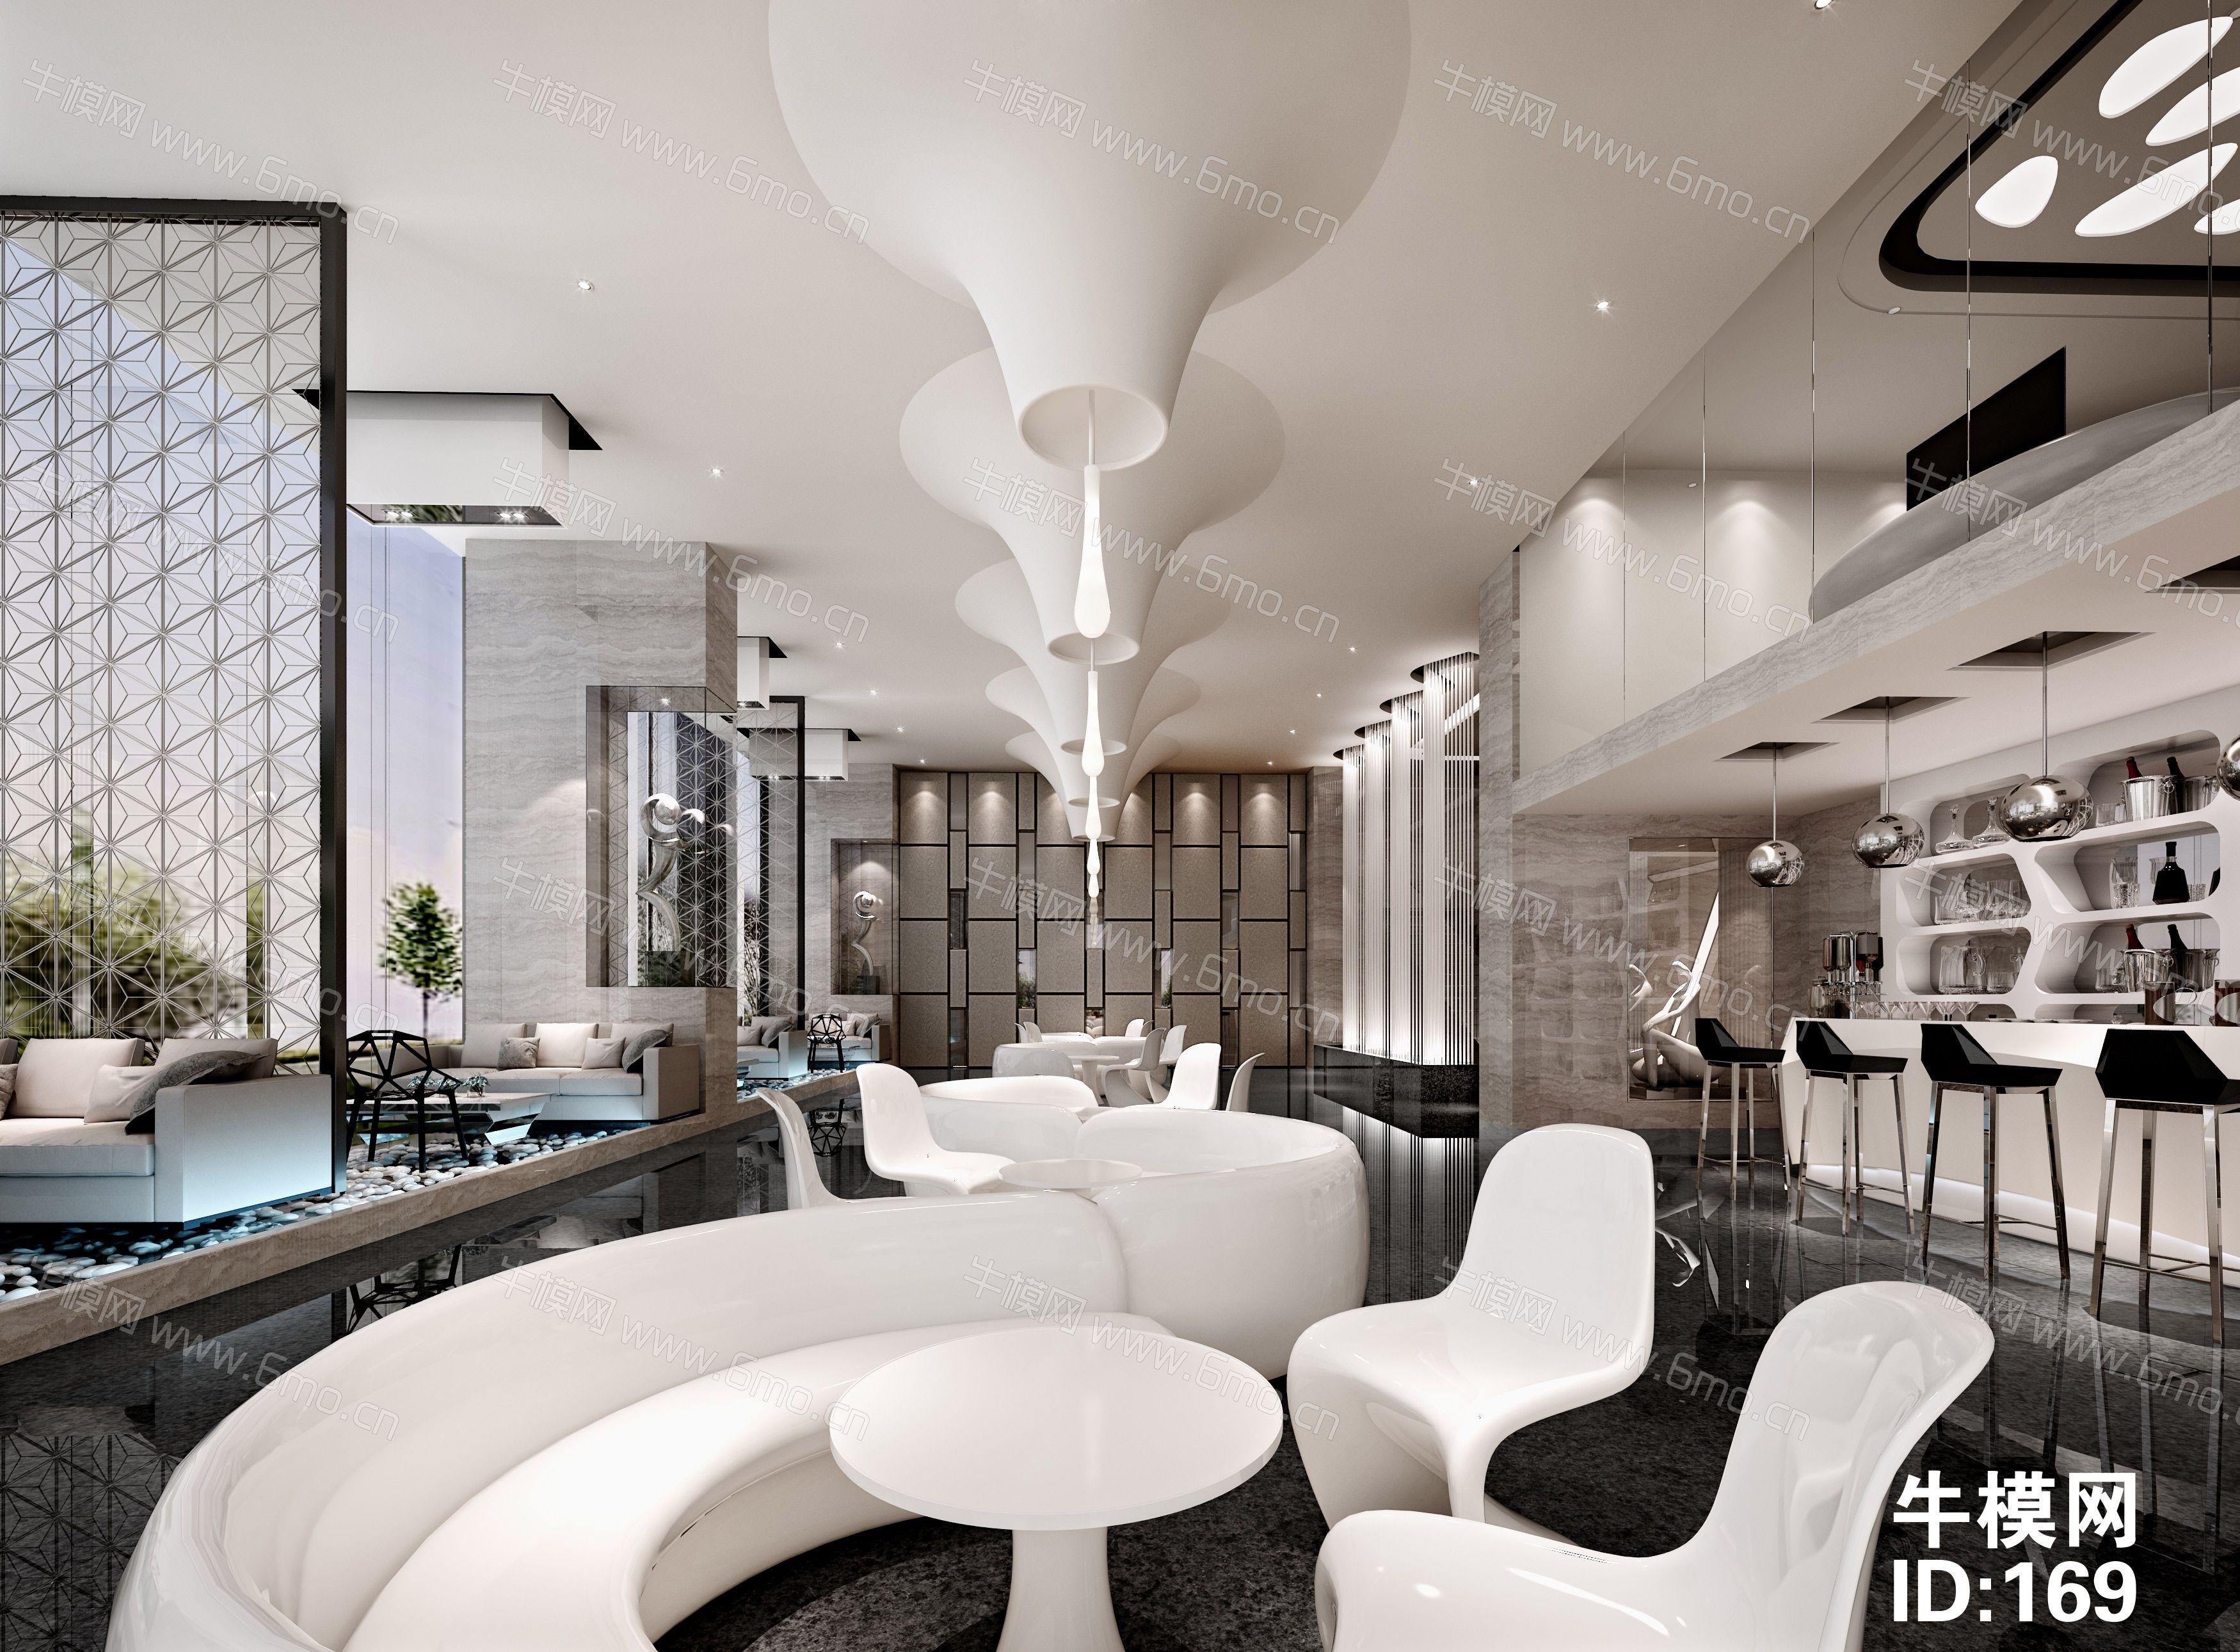 现代时尚售楼处大厅前台沙盘洽谈区